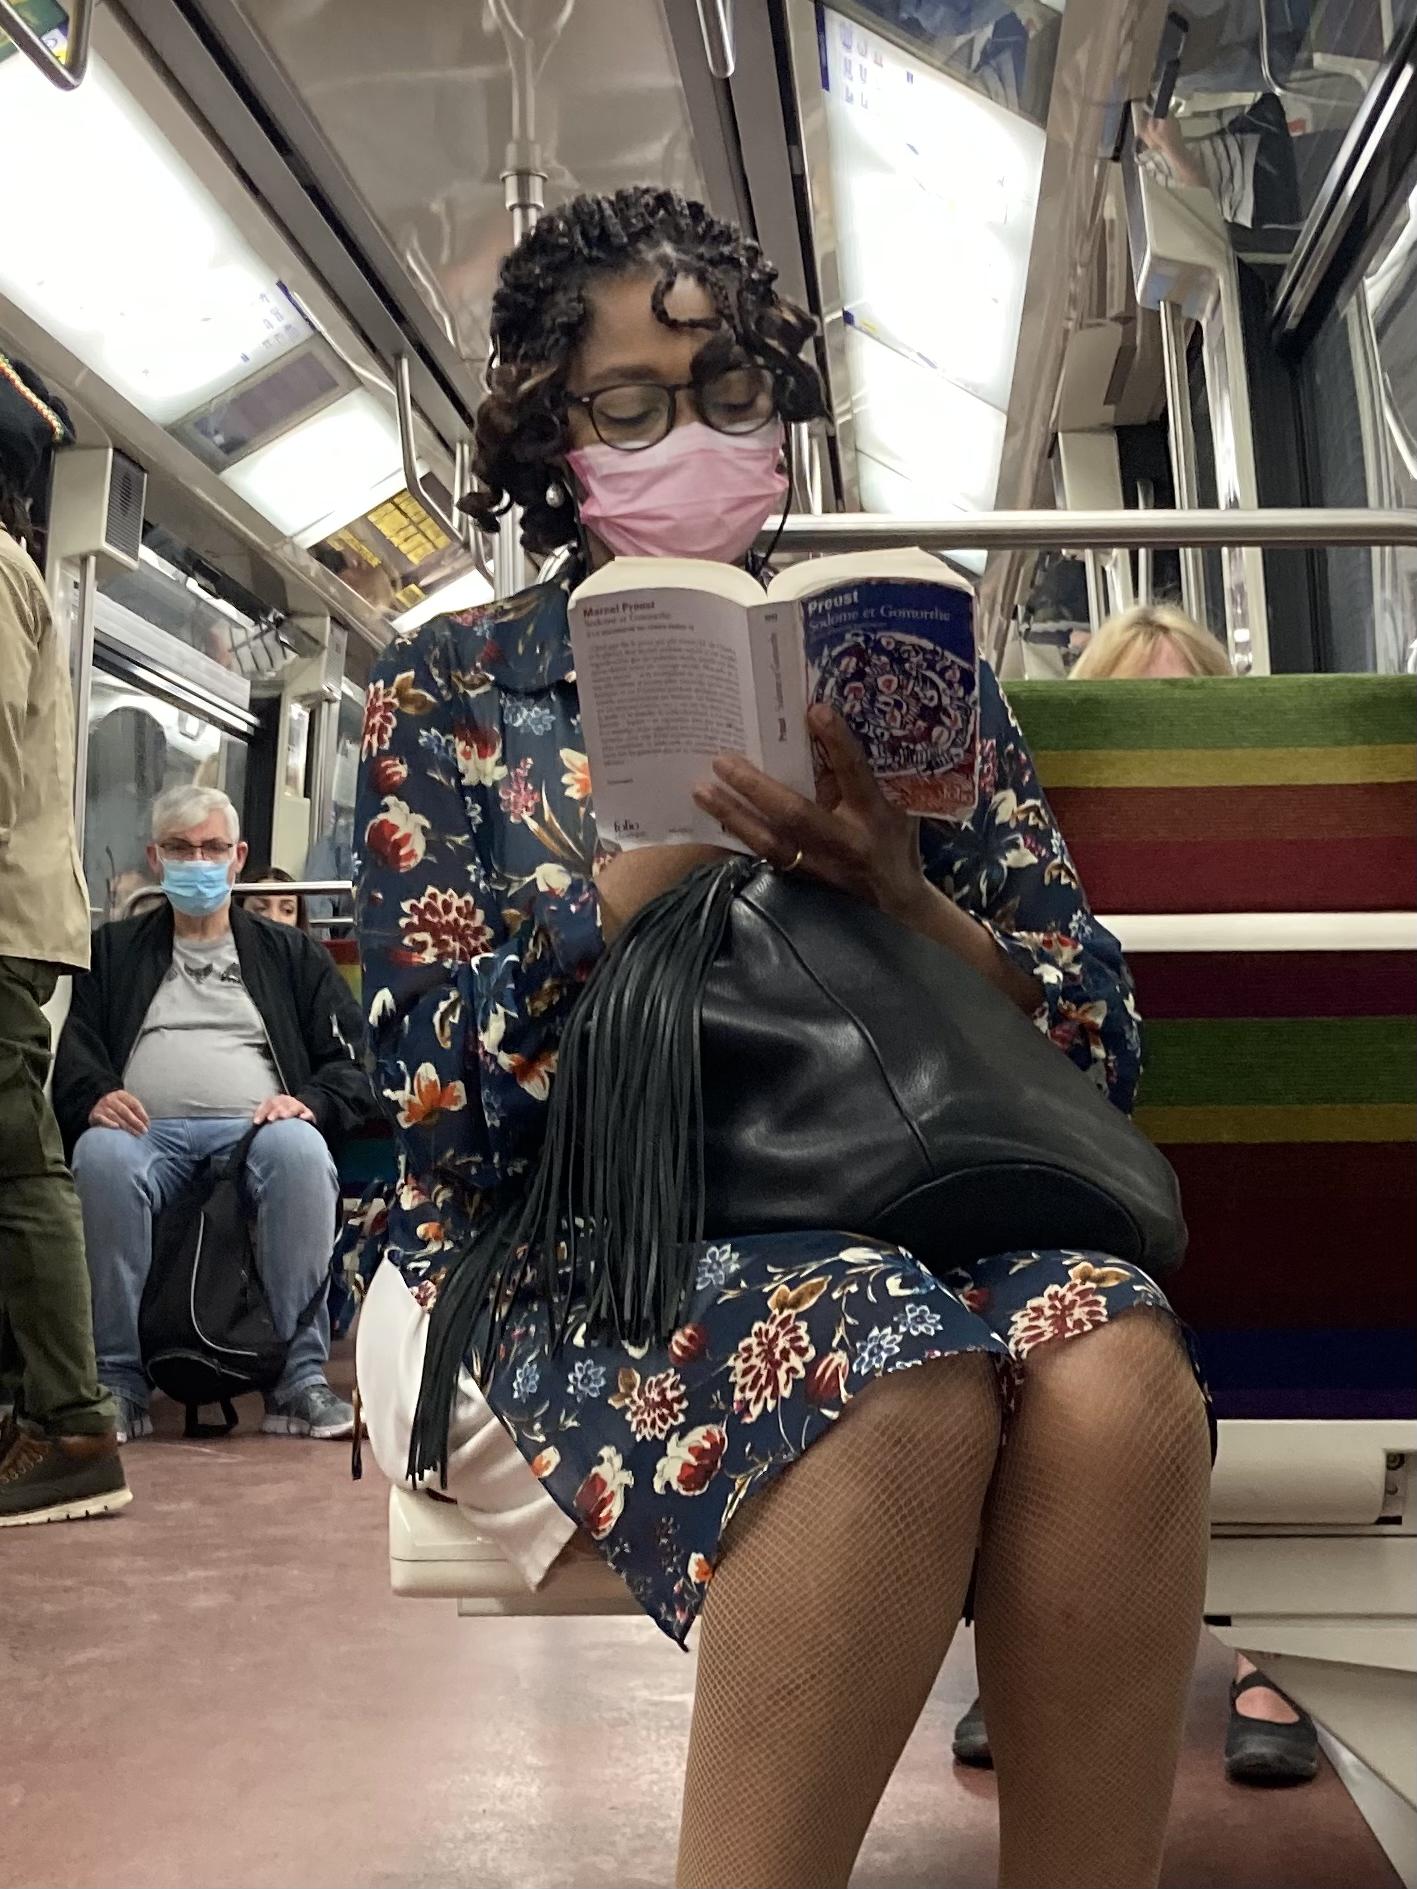 femme lisant Proust sur la ligne 1